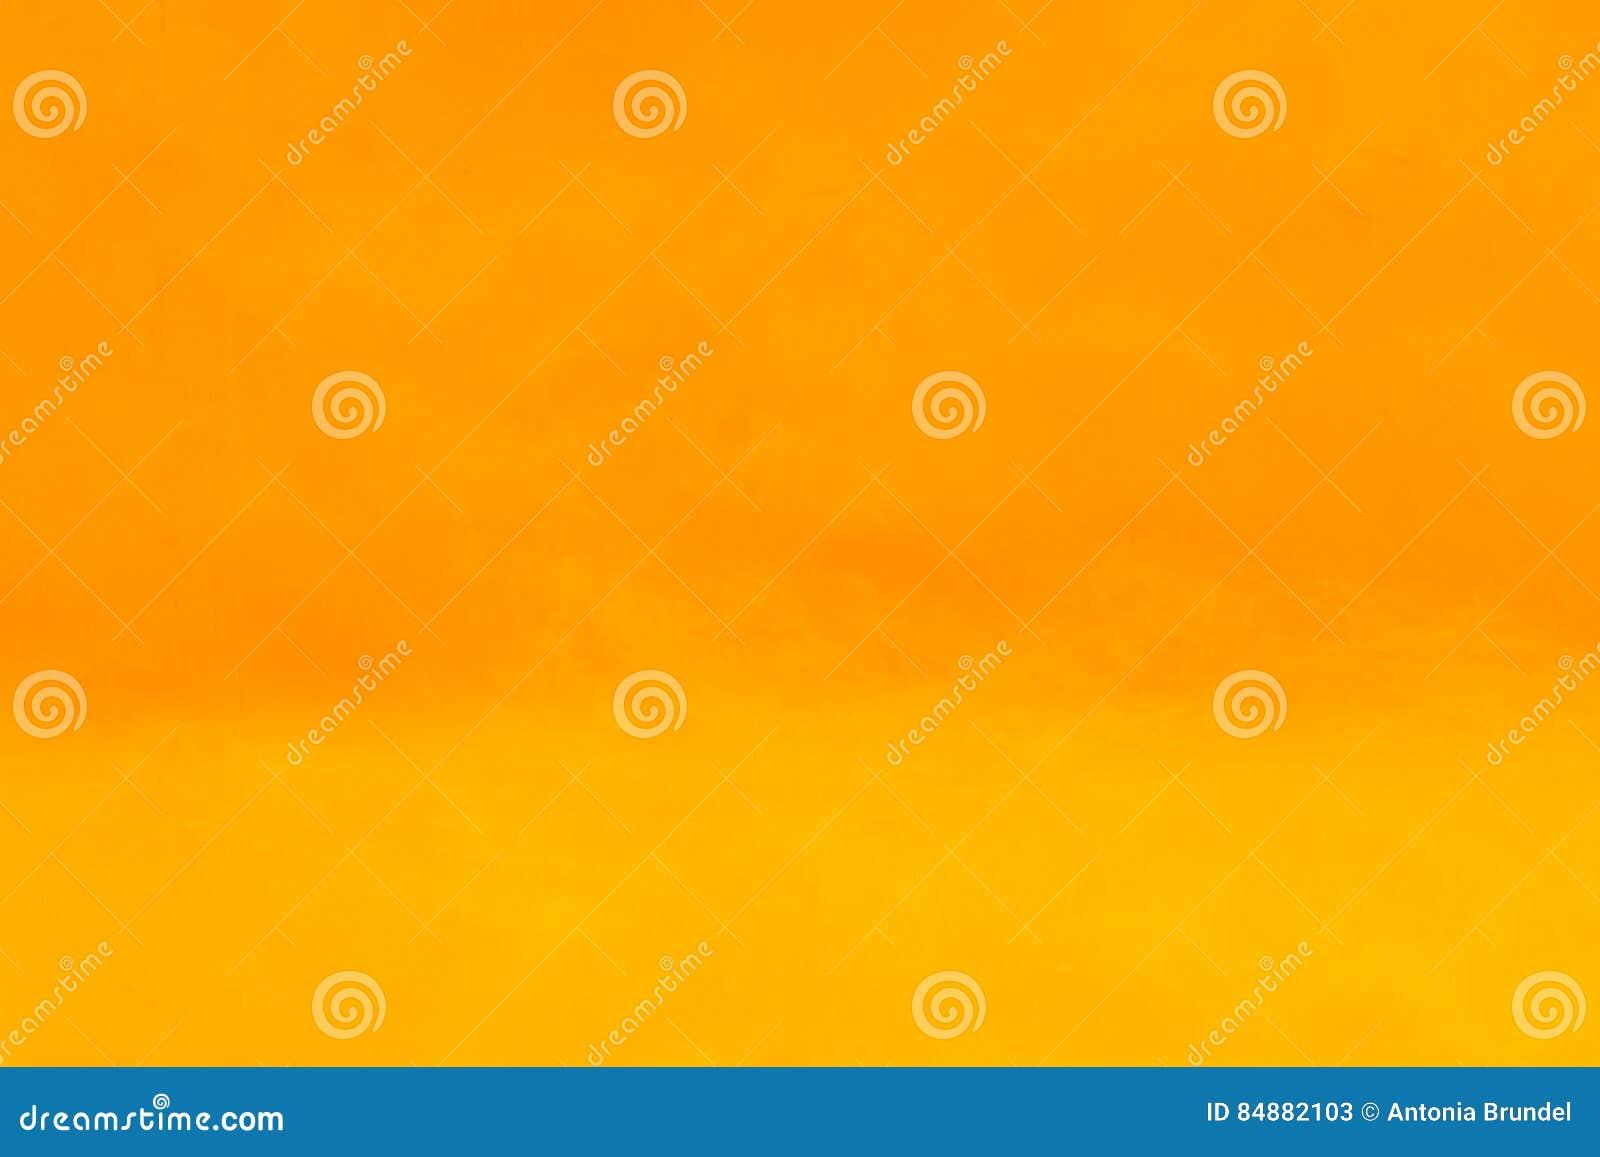 Abstrakcjonistyczny tło w pomarańcze i kolorów żółtych kolorach